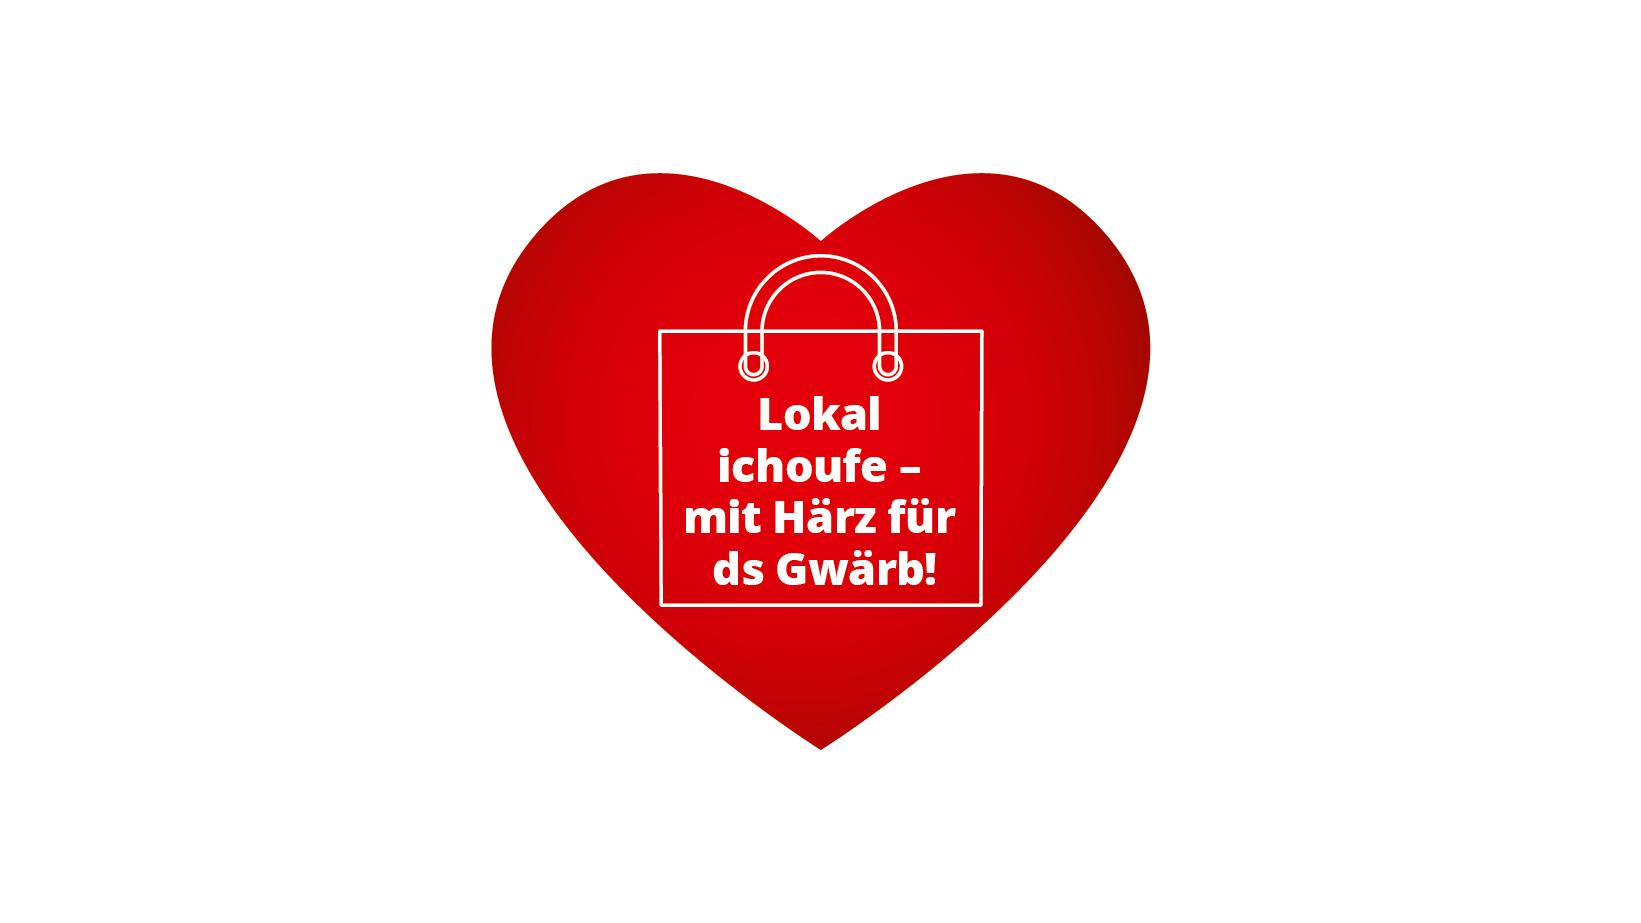 Lokal ichoufe – mit Härz für ds Gwärb!